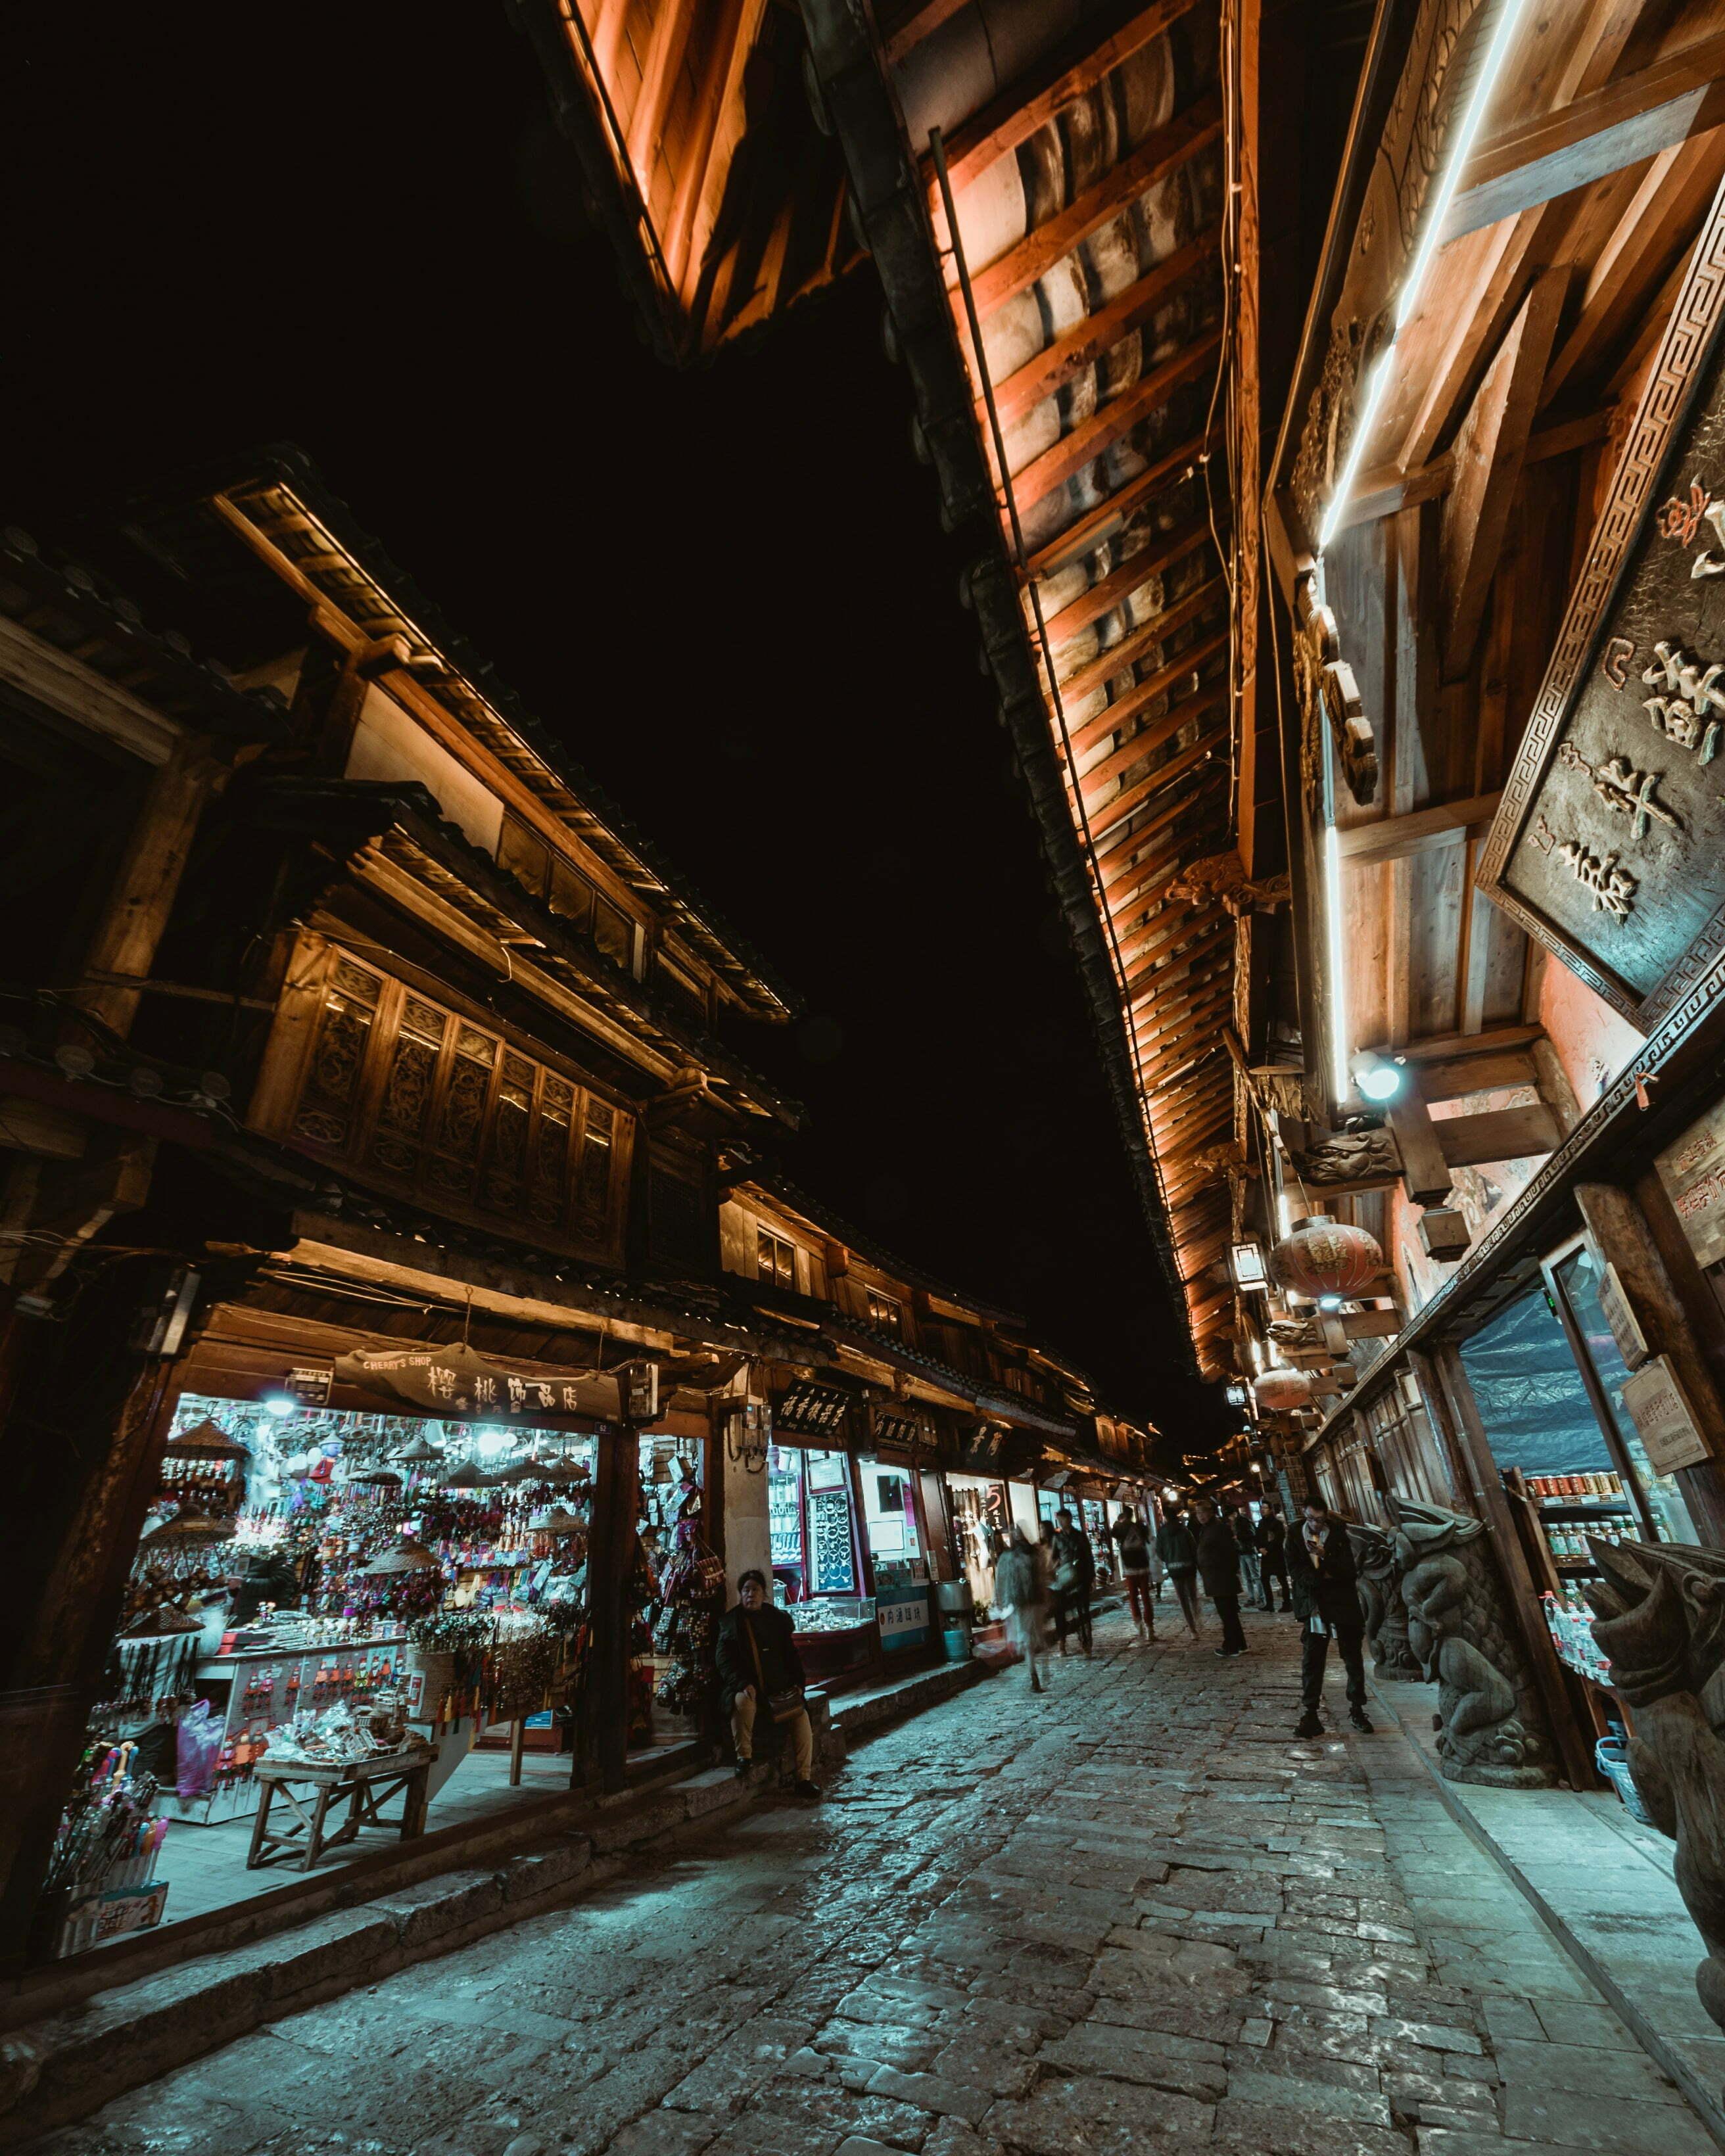 รูปภาพ : เที่ยวจีน ลี่เจียง